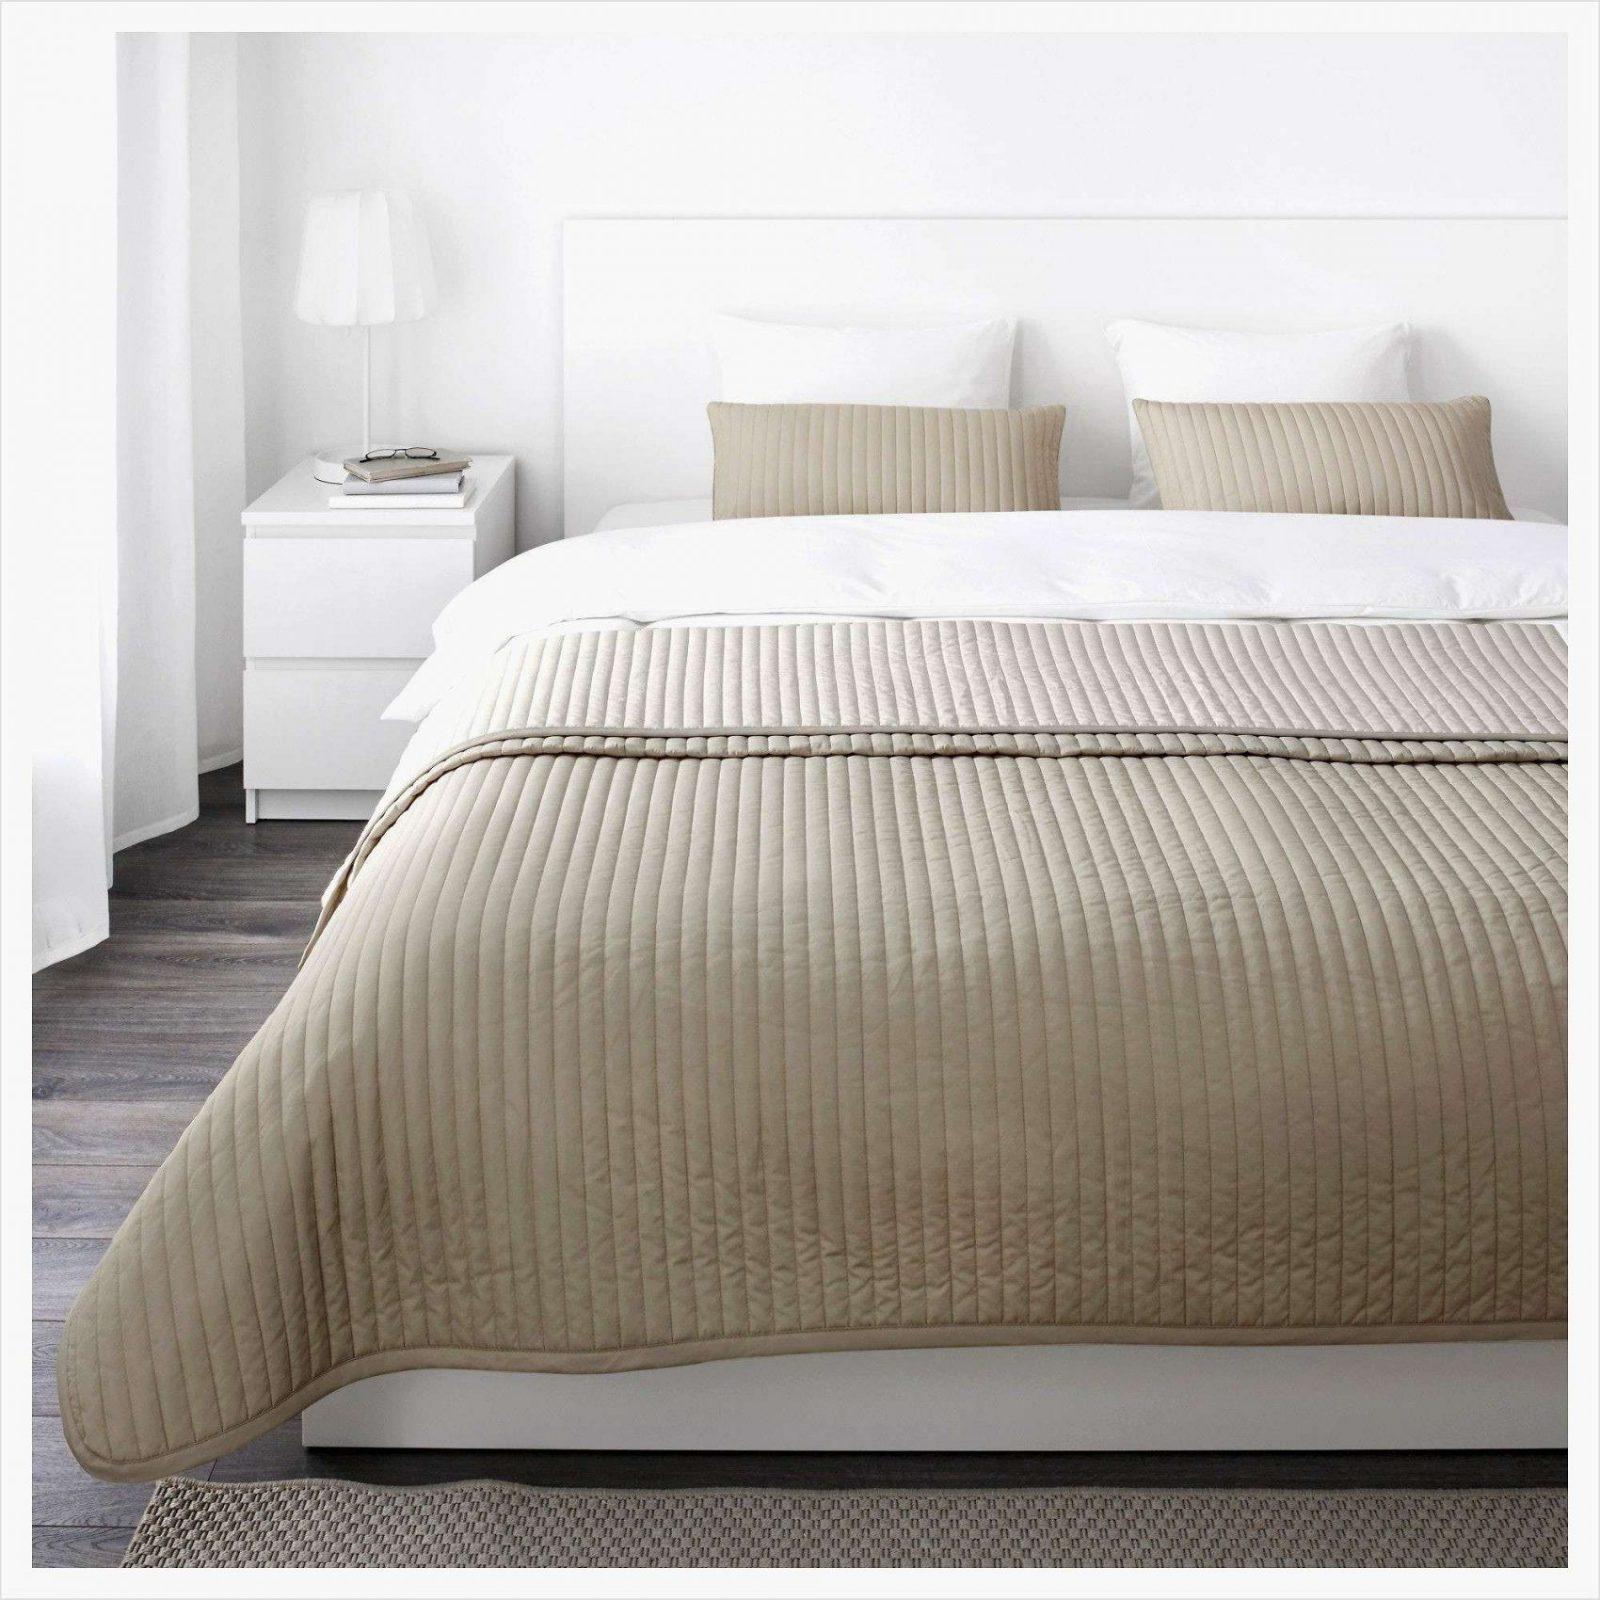 Ziemlich Tagesdecke Bett 140×200 Tagesdecken Fur Betten 180×200 von Tagesdecke Für Bett 180X200 Photo